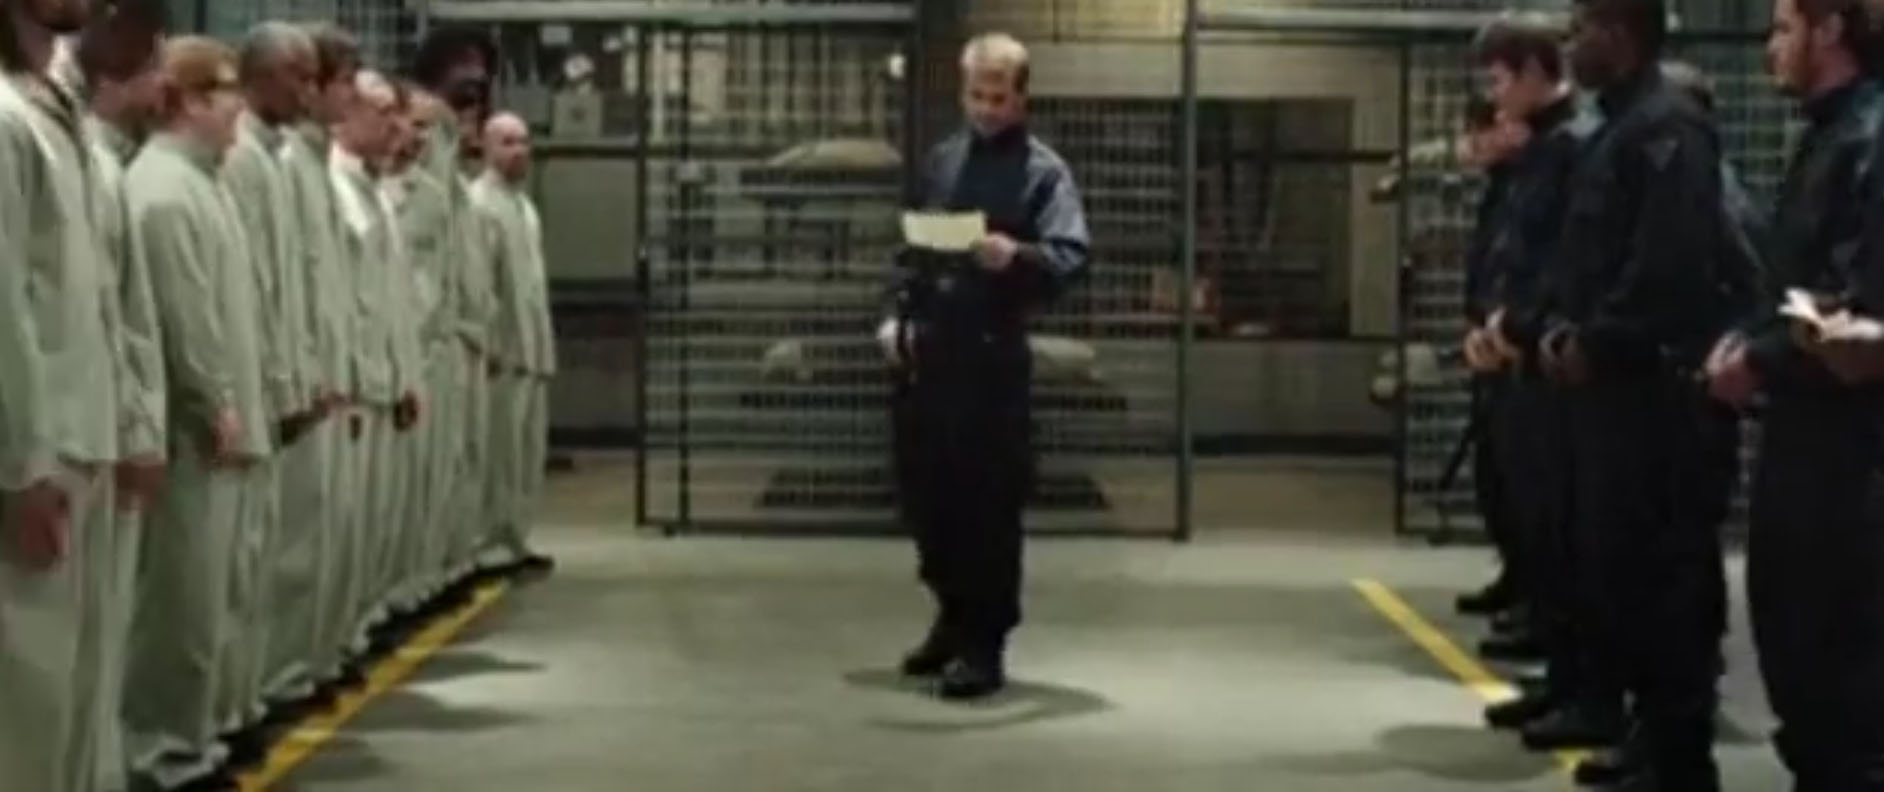 Una 'guardia' legge il regolamento ai 'carcerati'